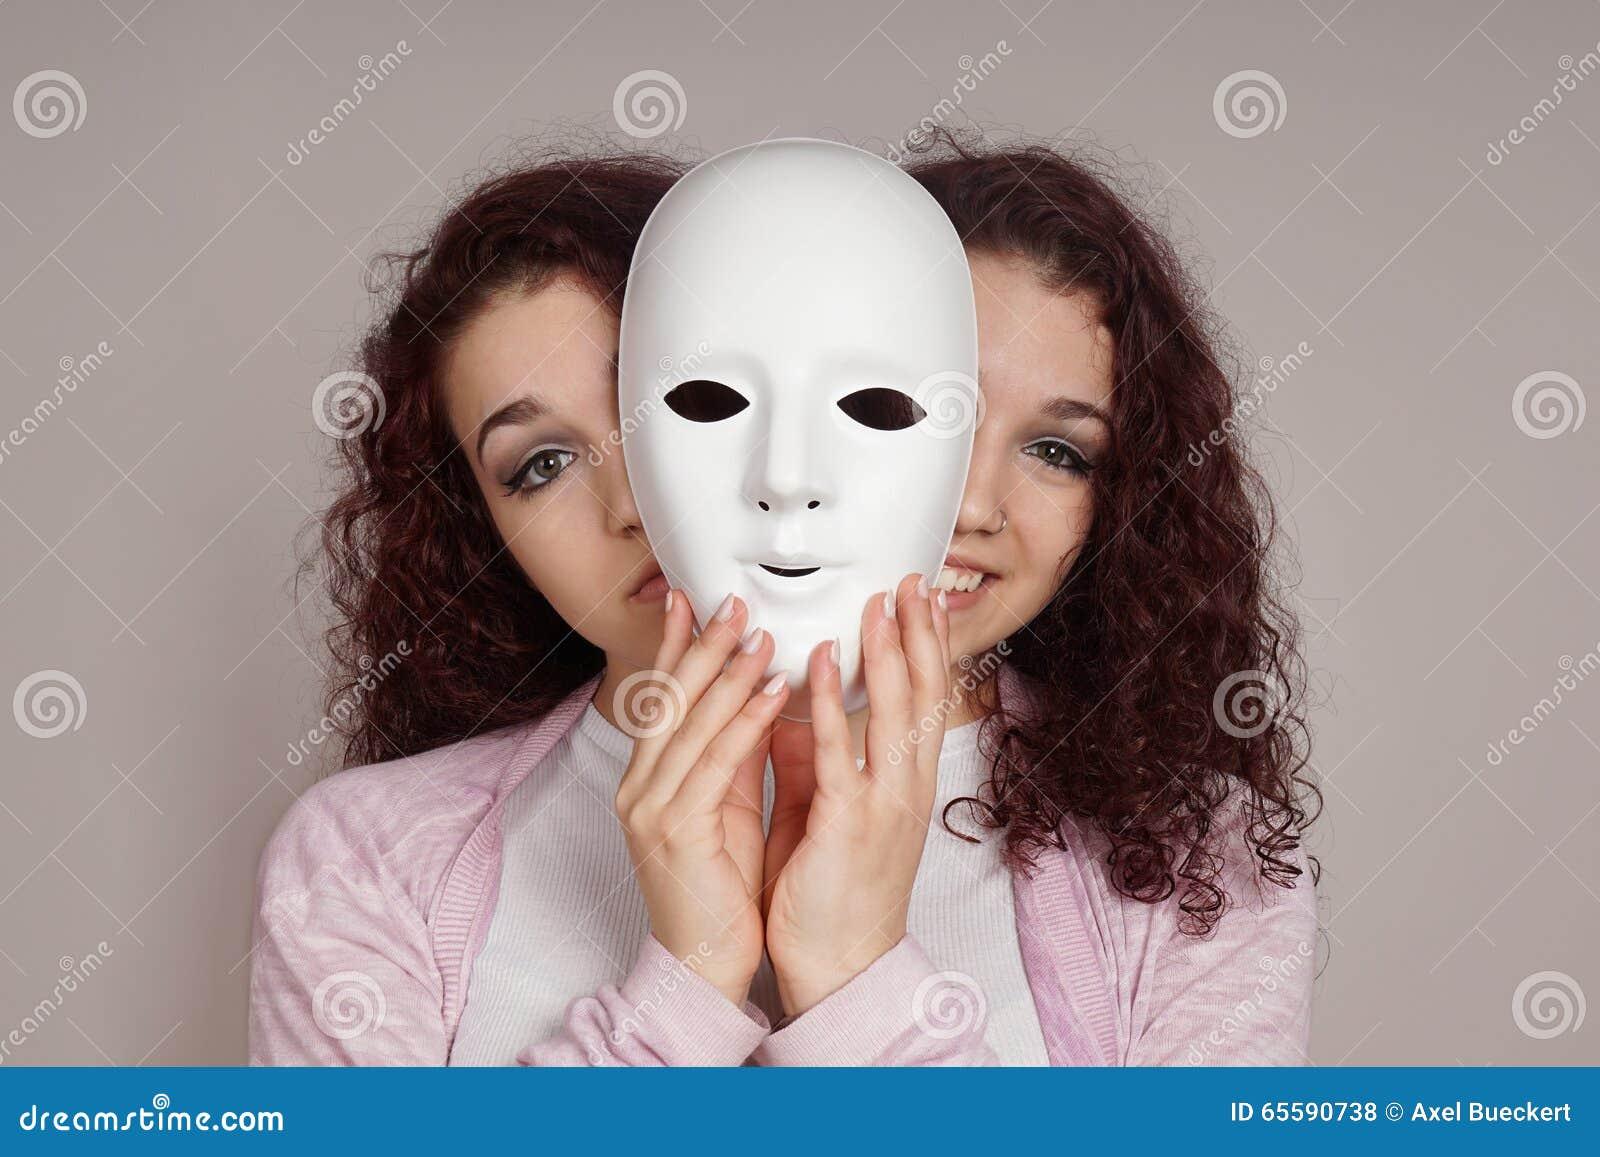 Concept vrouwen van de met twee aangezichten manic depressie